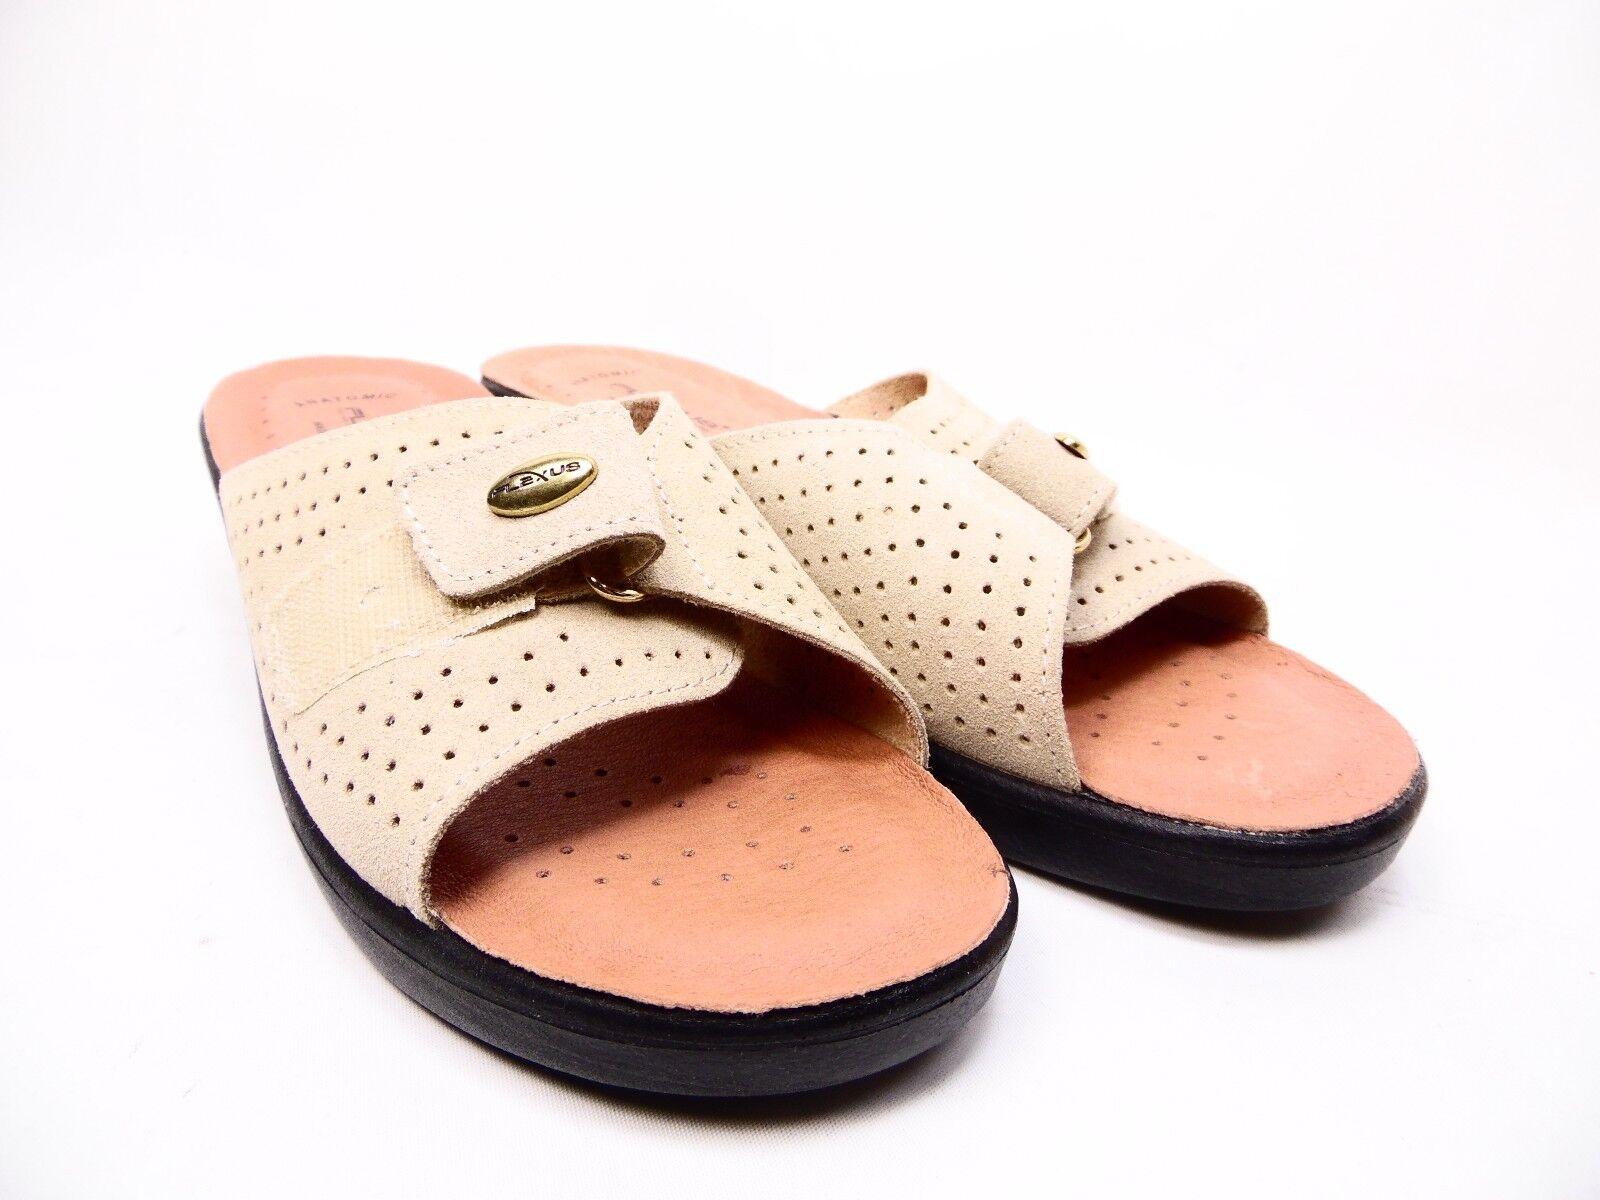 Flexus Kea Leder Slide Sandales :9.5-10) Beige Größe 41 (US :9.5-10) Sandales 17455e